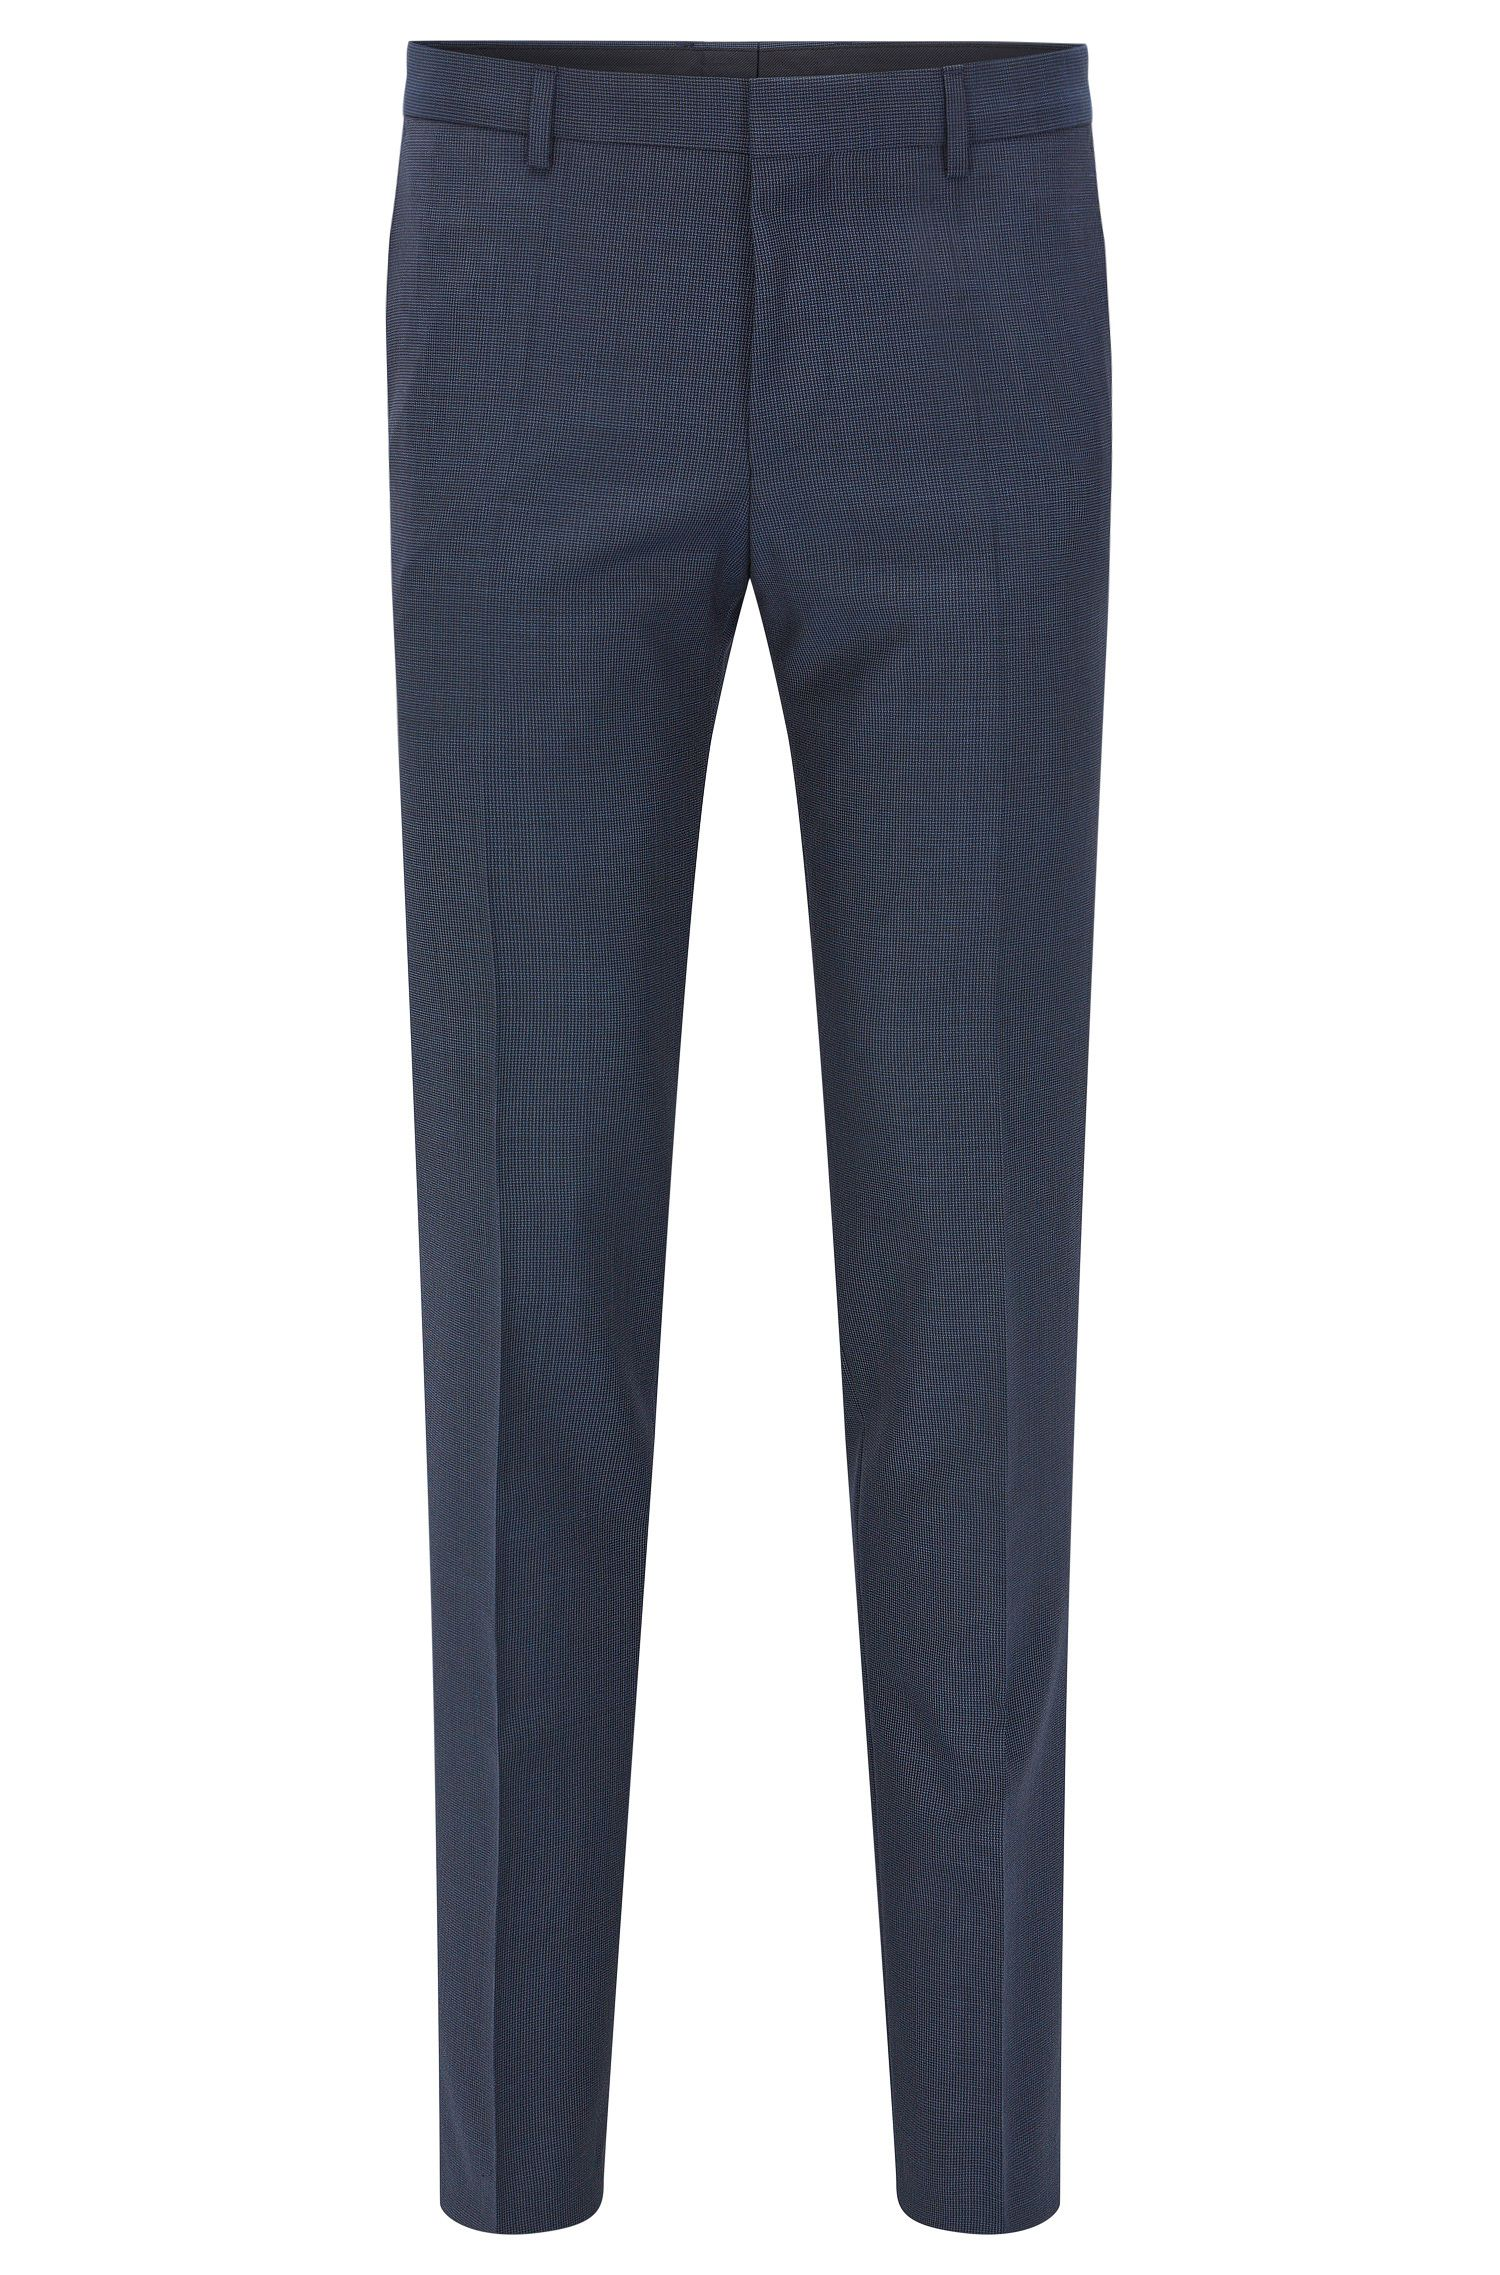 Pantaloni slim fit in lana vergine italiana